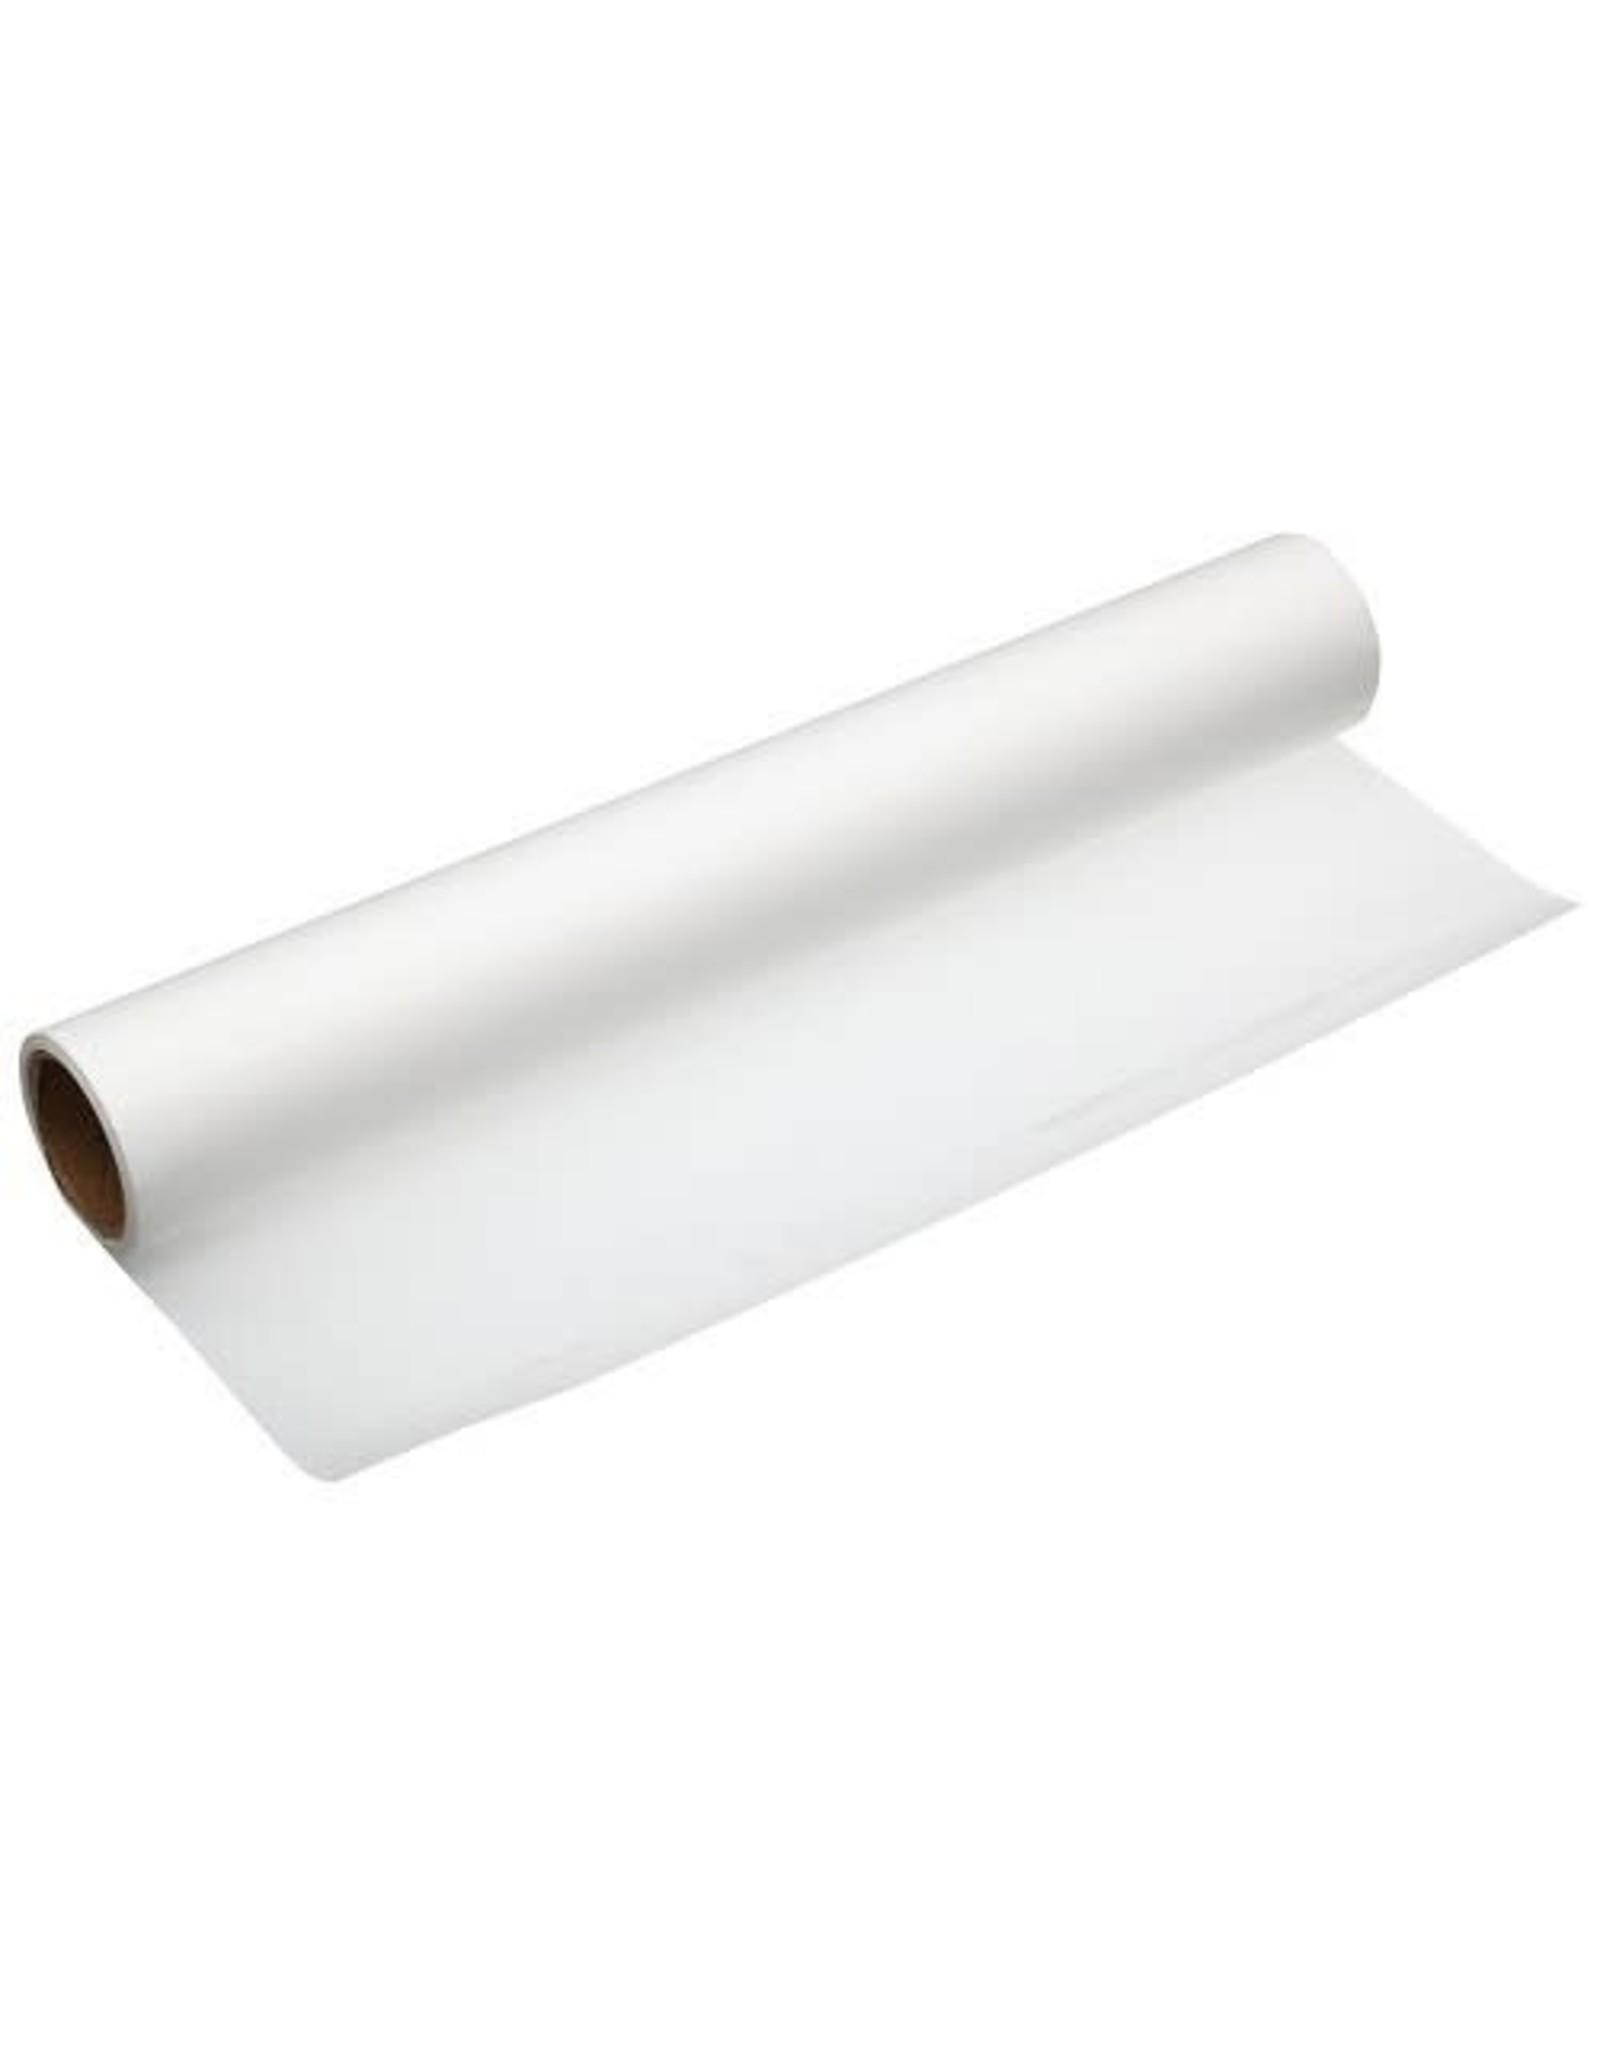 Kitchencraft Bakpapier 10m x 30cm met siliconen coating